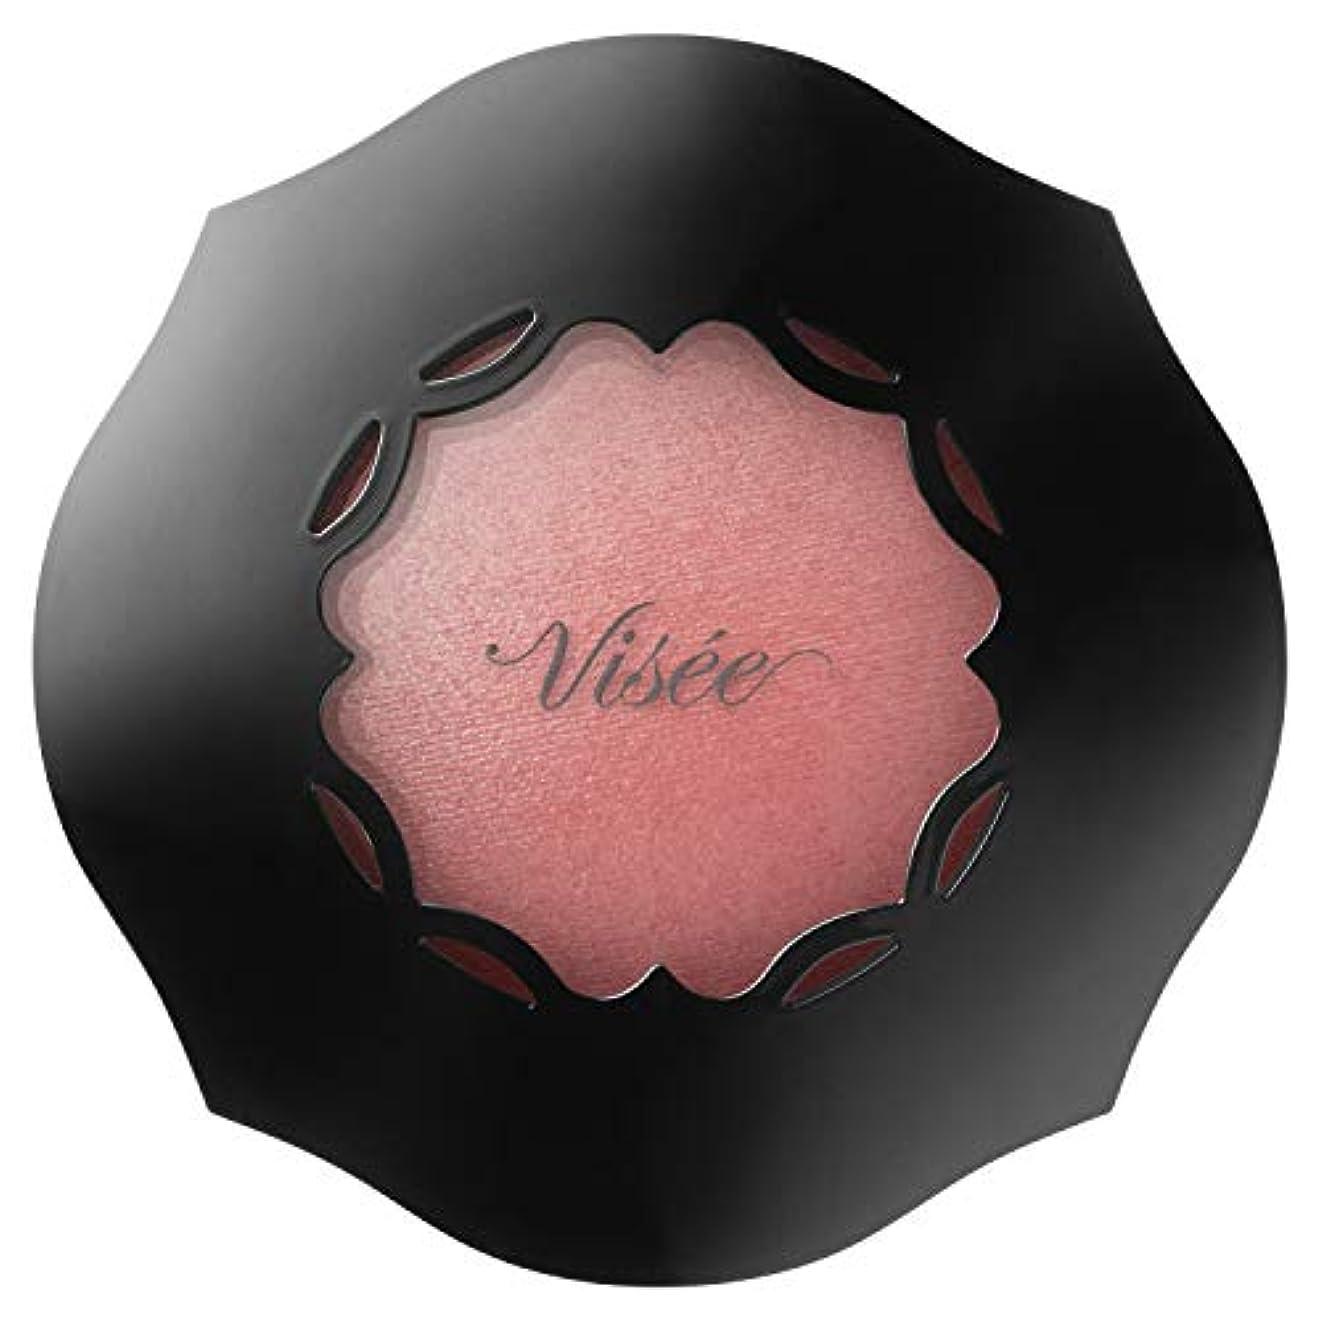 サービス頭蓋骨弁護Visee(ヴィセ) フォギーオンチークス N BE821 アプリコットベージュ 5g